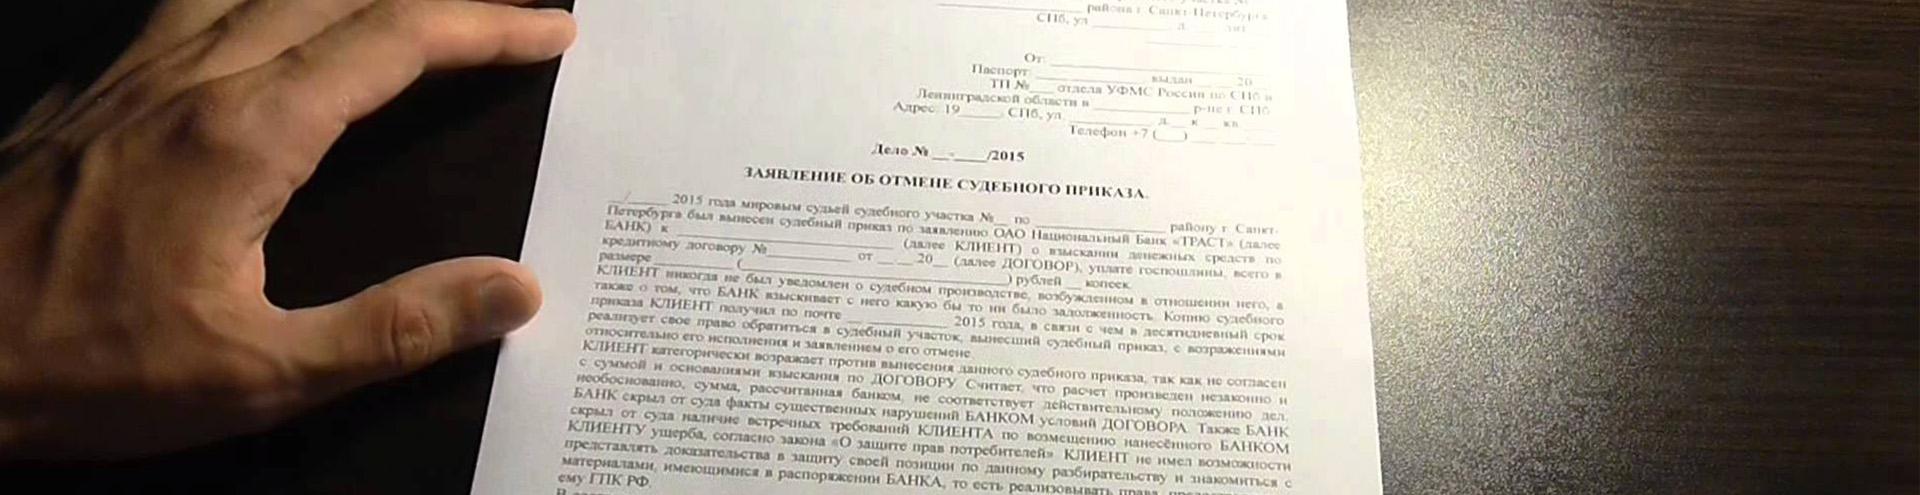 отмена судебного приказа в Оренбурге и Оренбургской области